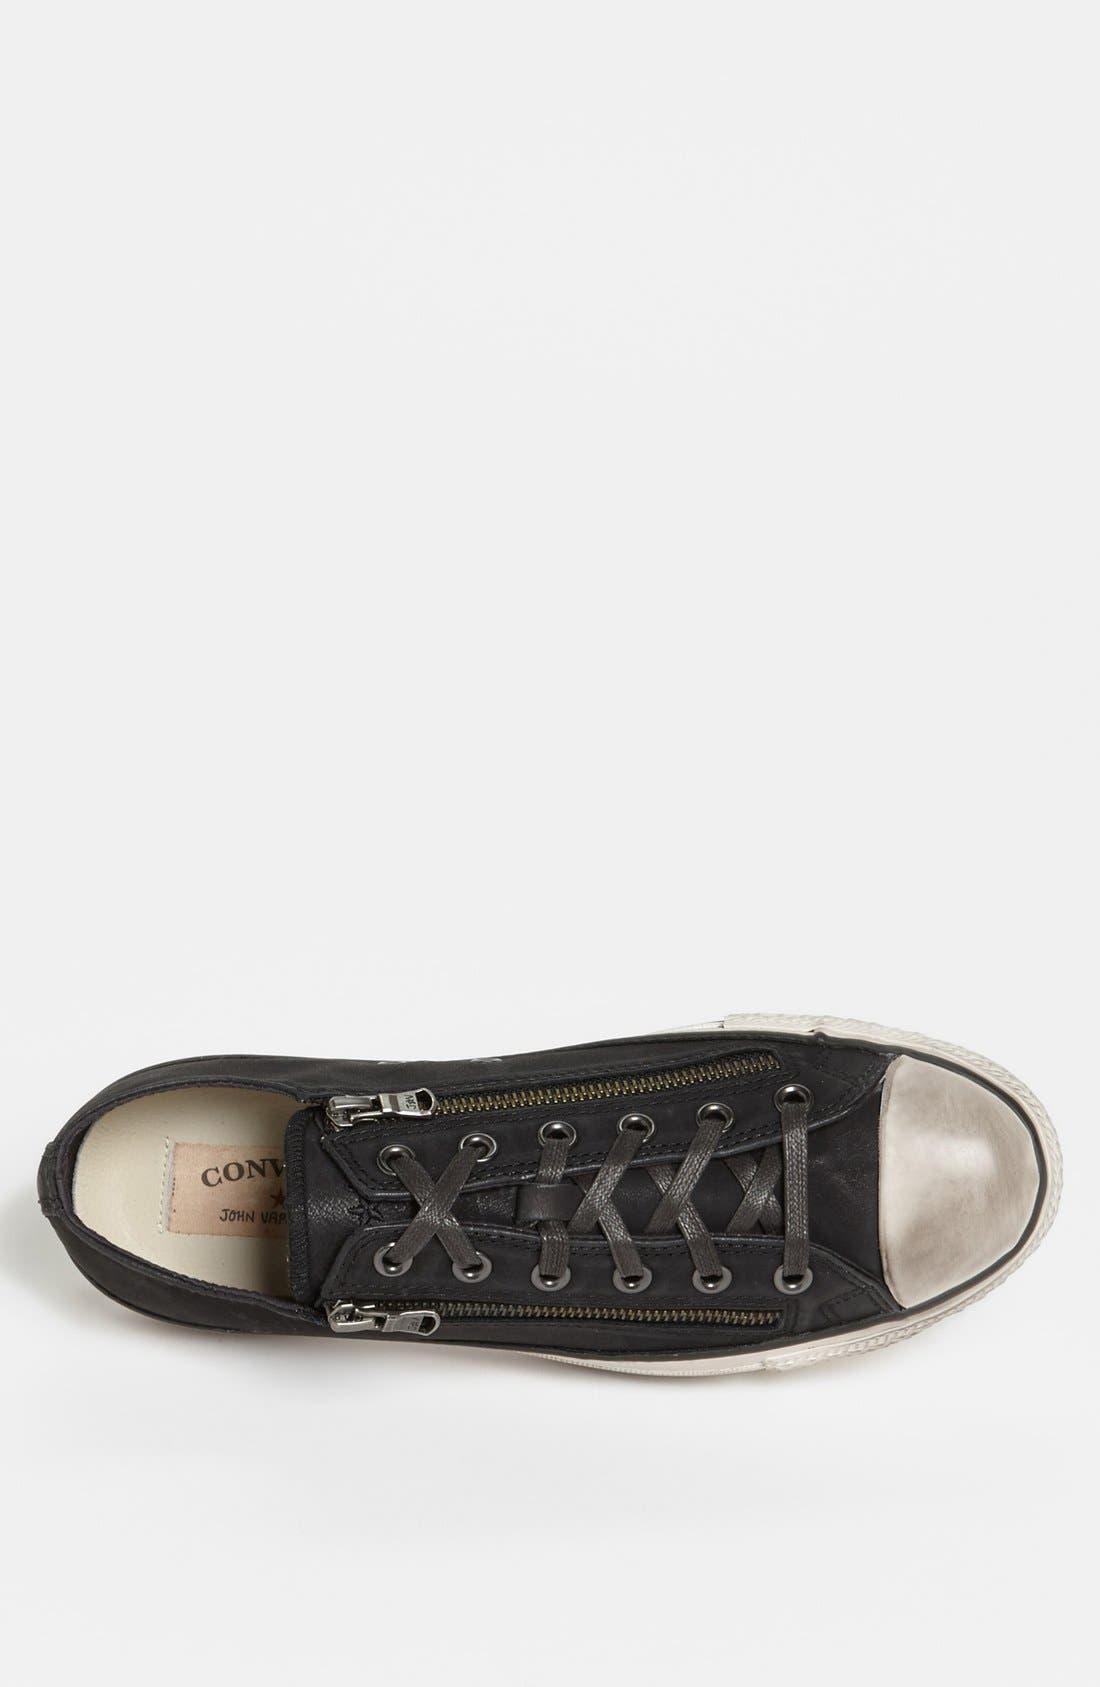 Alternate Image 3  - Converse by John Varvatos 'CT' Sneaker (Men)